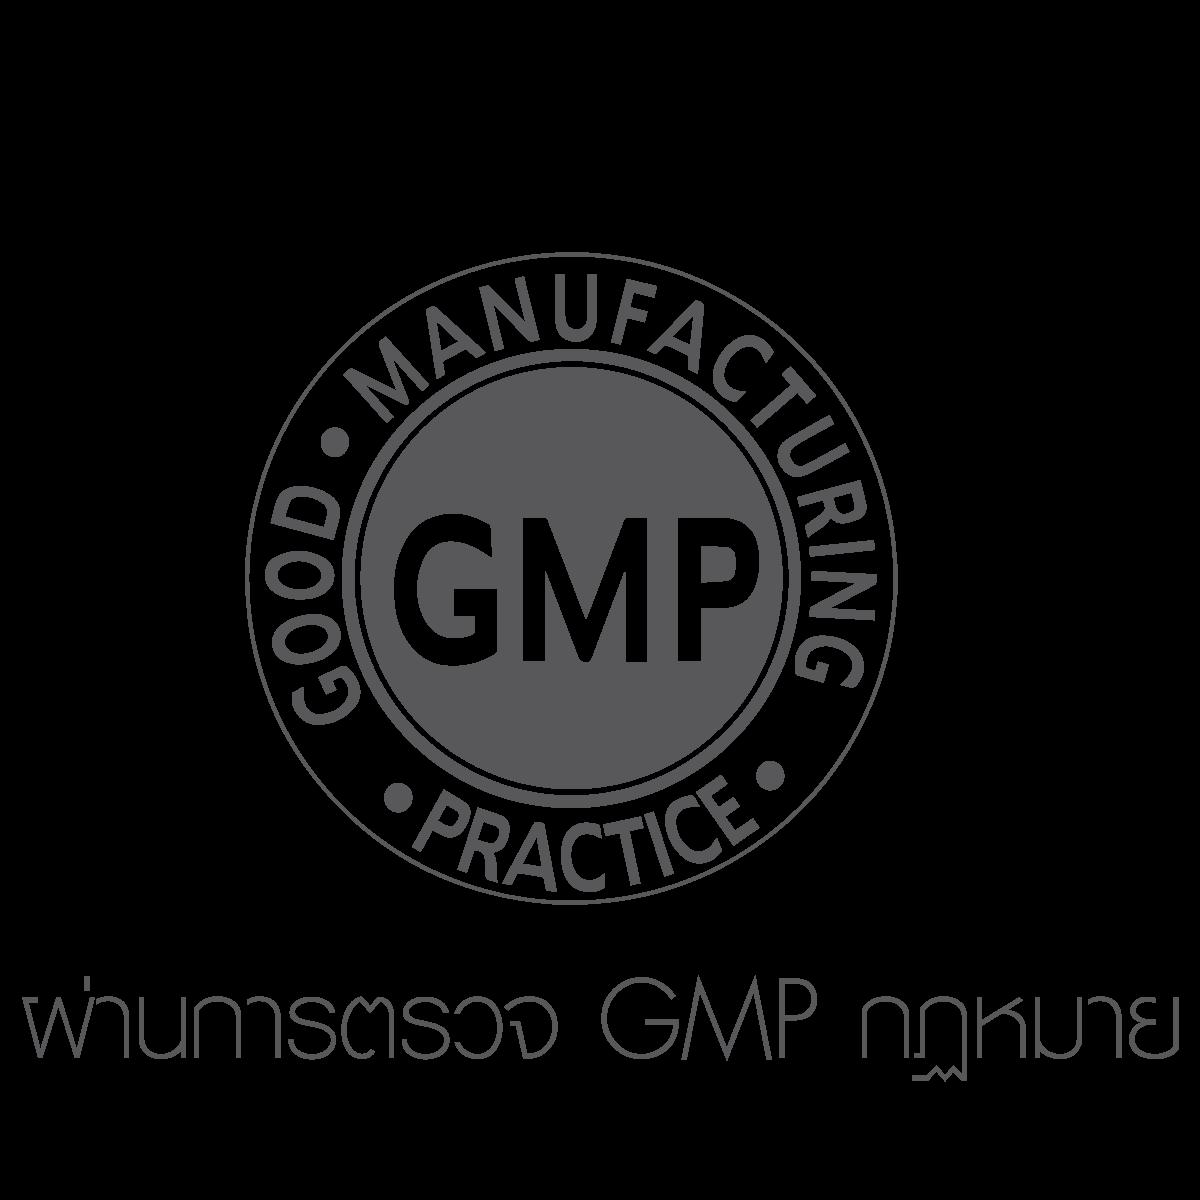 ผลิตโดยบริษัท และ โรงงานที่ได้รับมาตราฐาน GMP